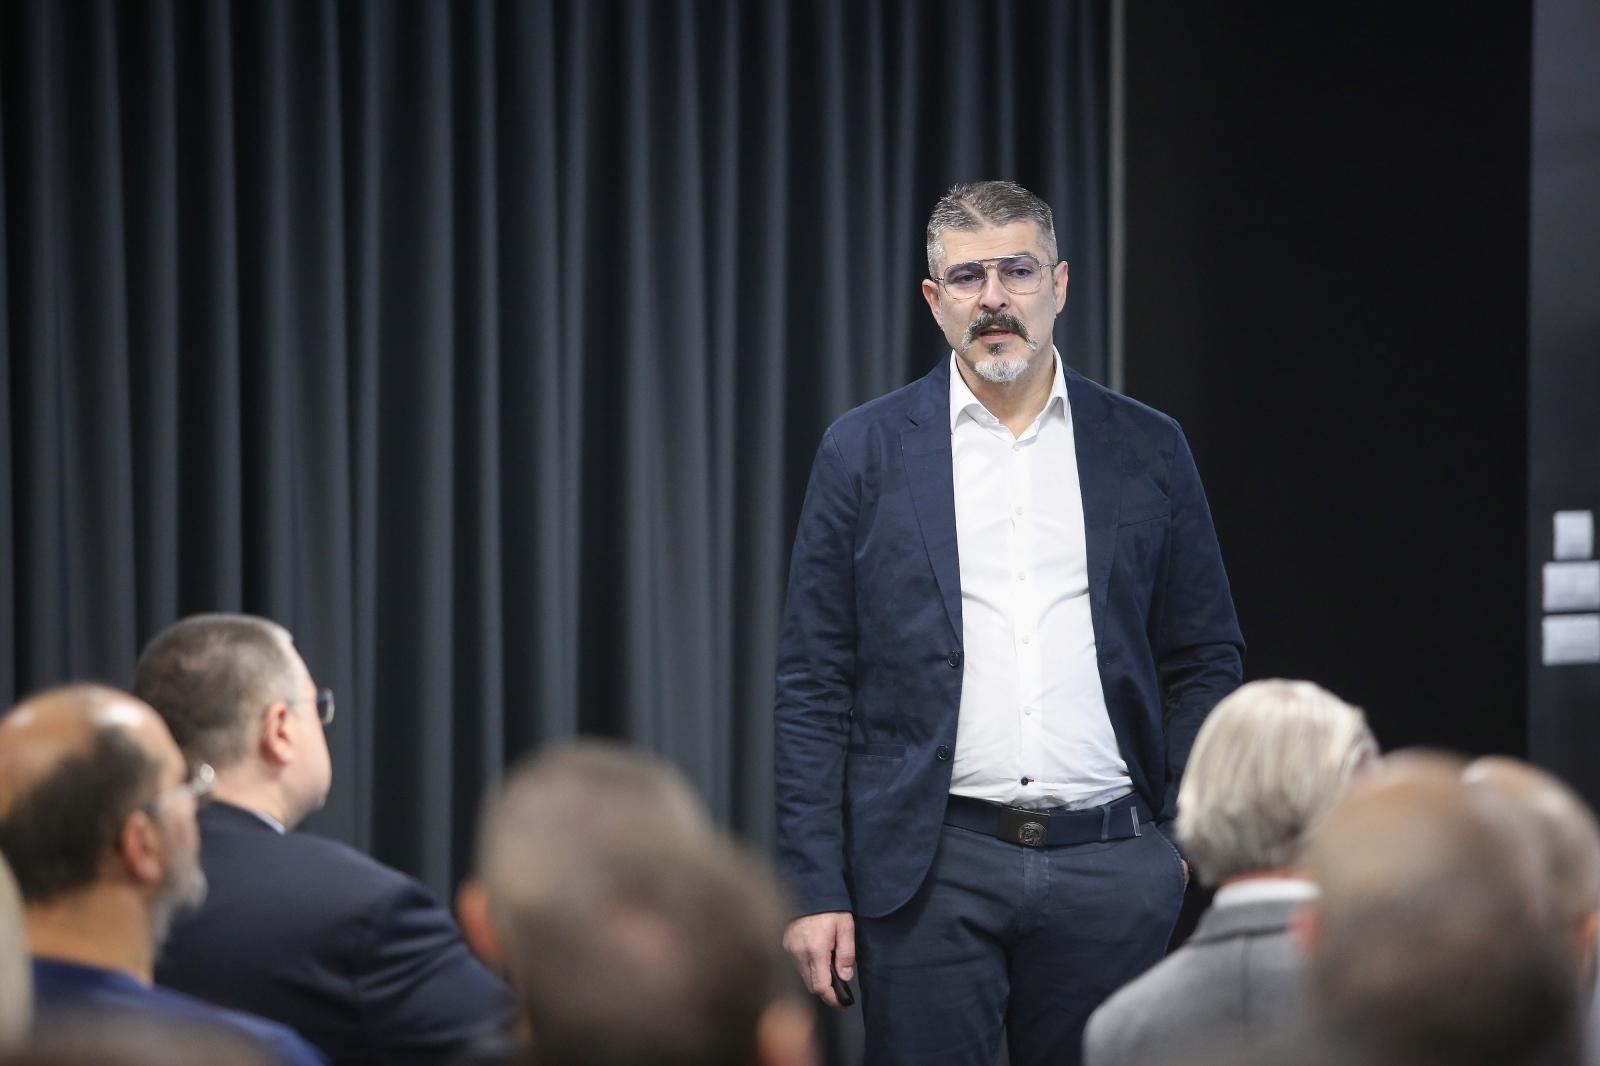 KOPAL 'USKOK će utvrditi konačnu istinu u slučaju afere fotografija Tolušića'